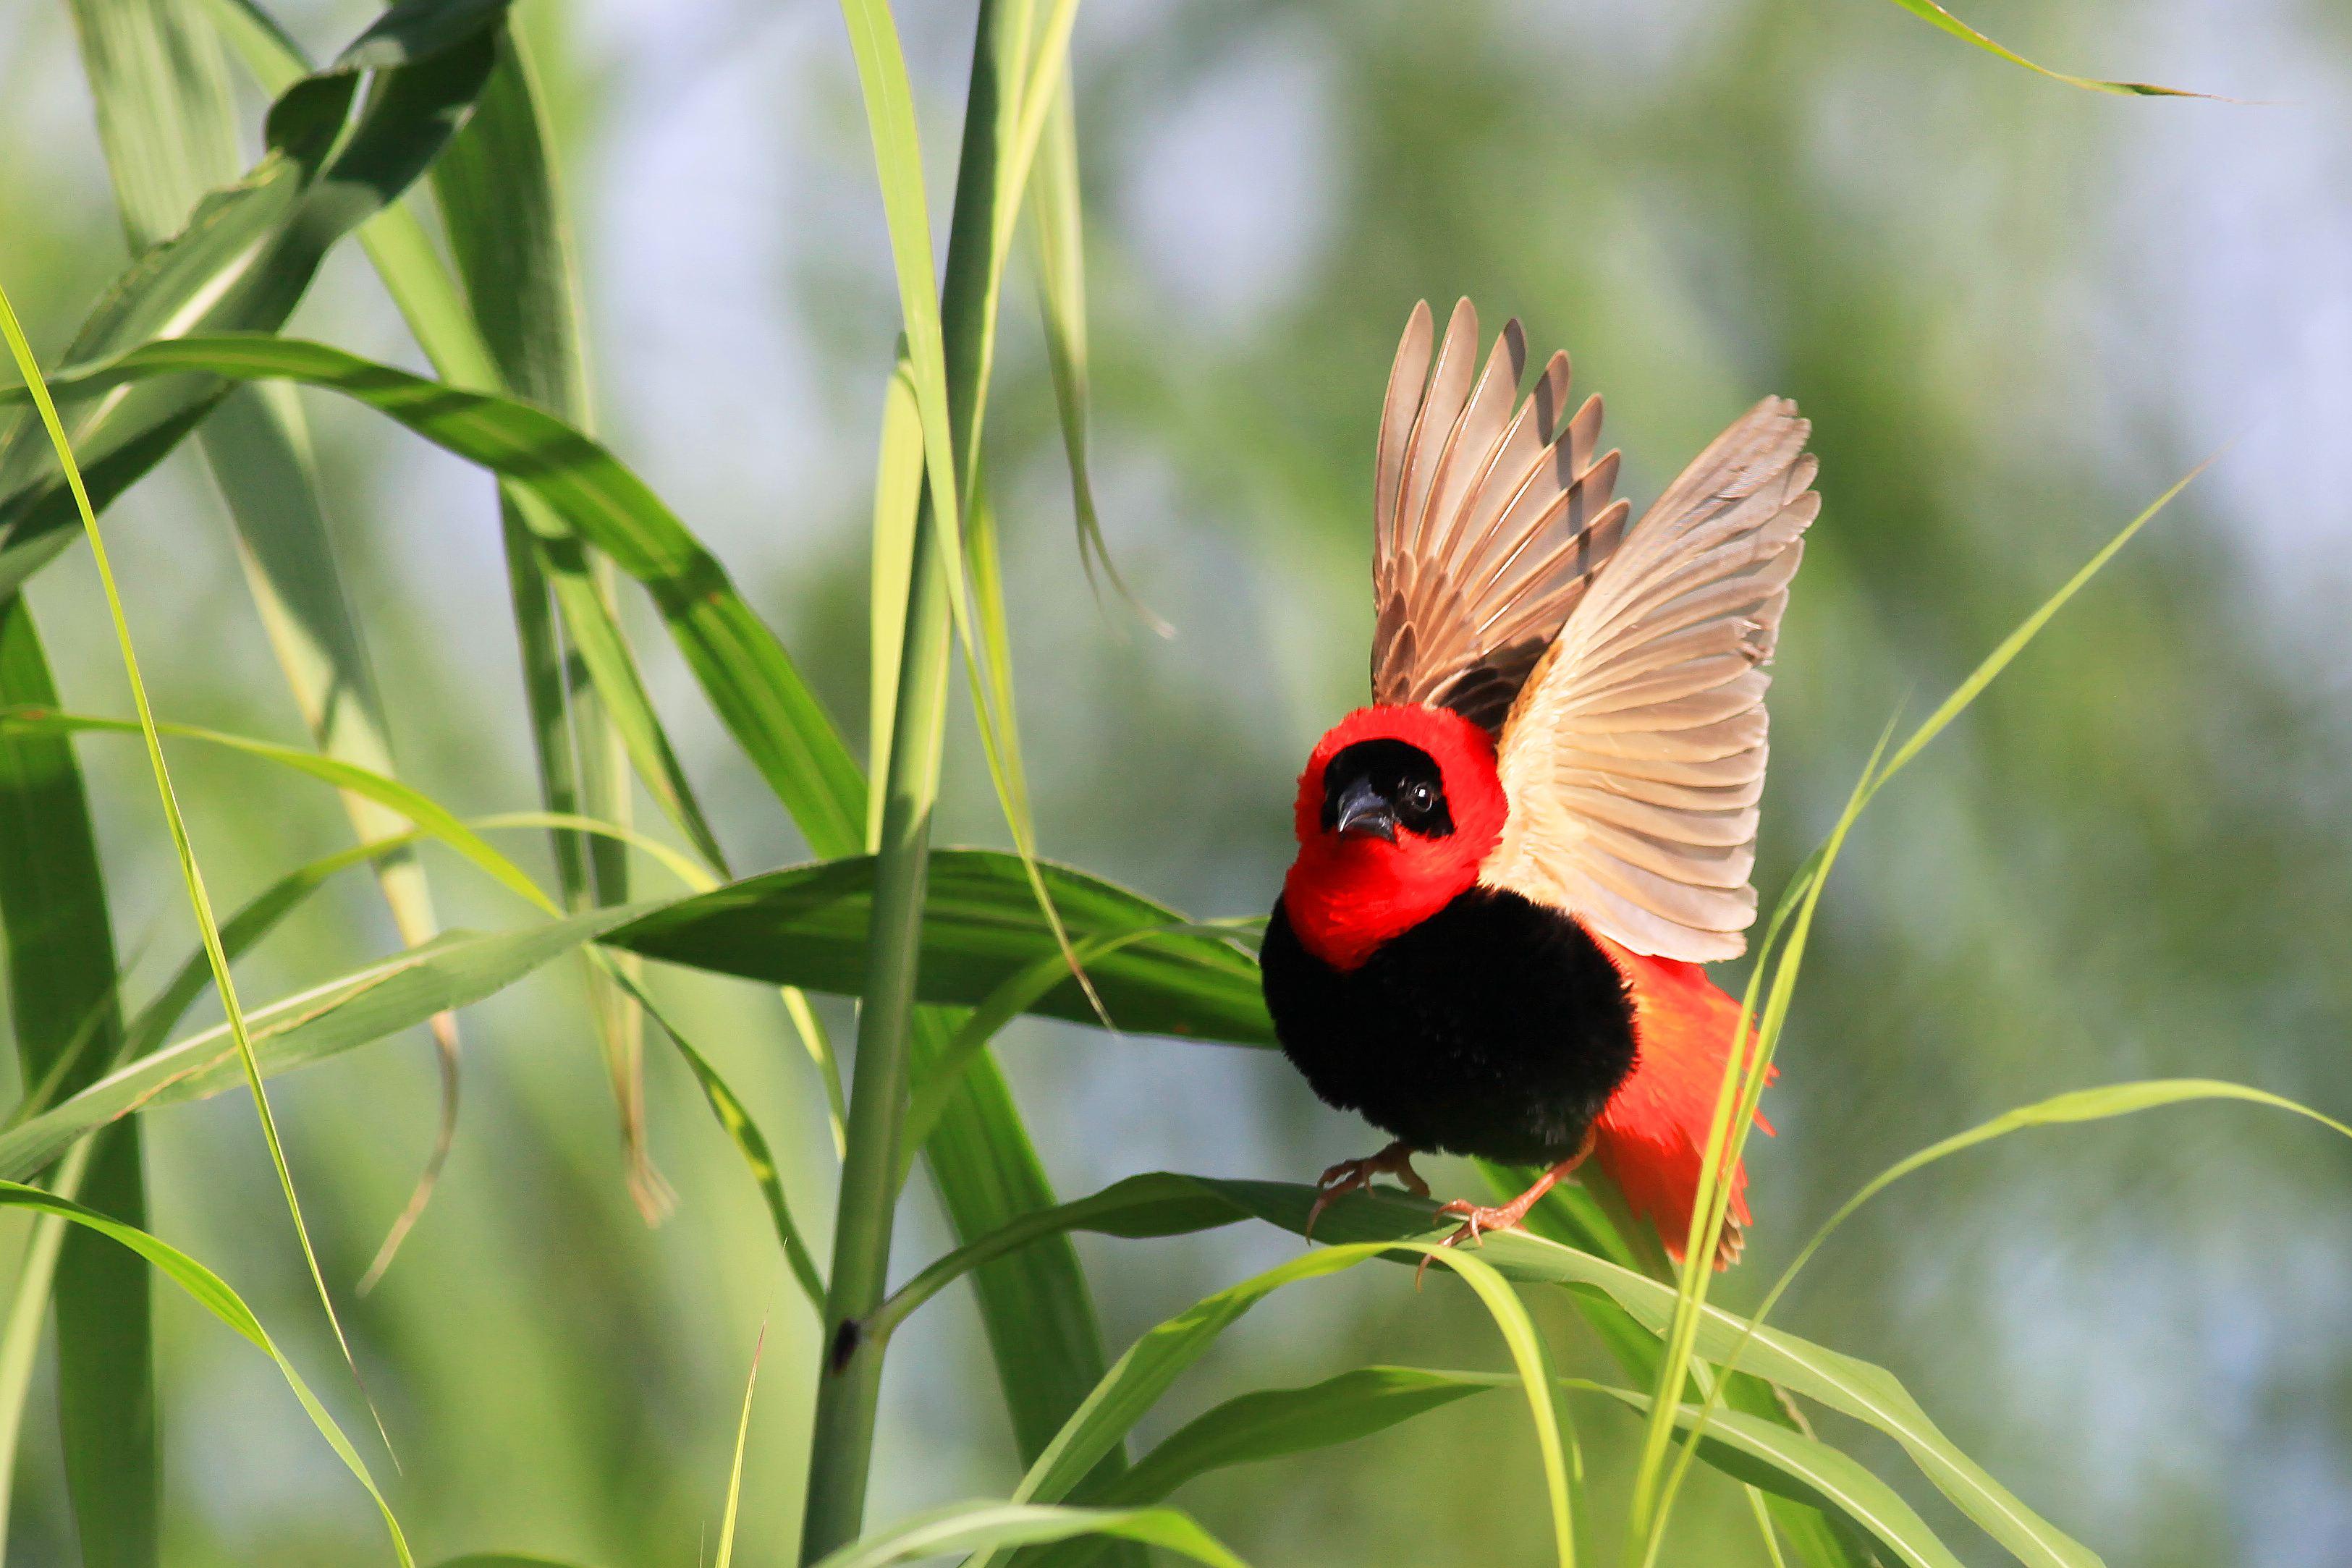 红寡妇鸟喂养 红寡妇鸟的喂养